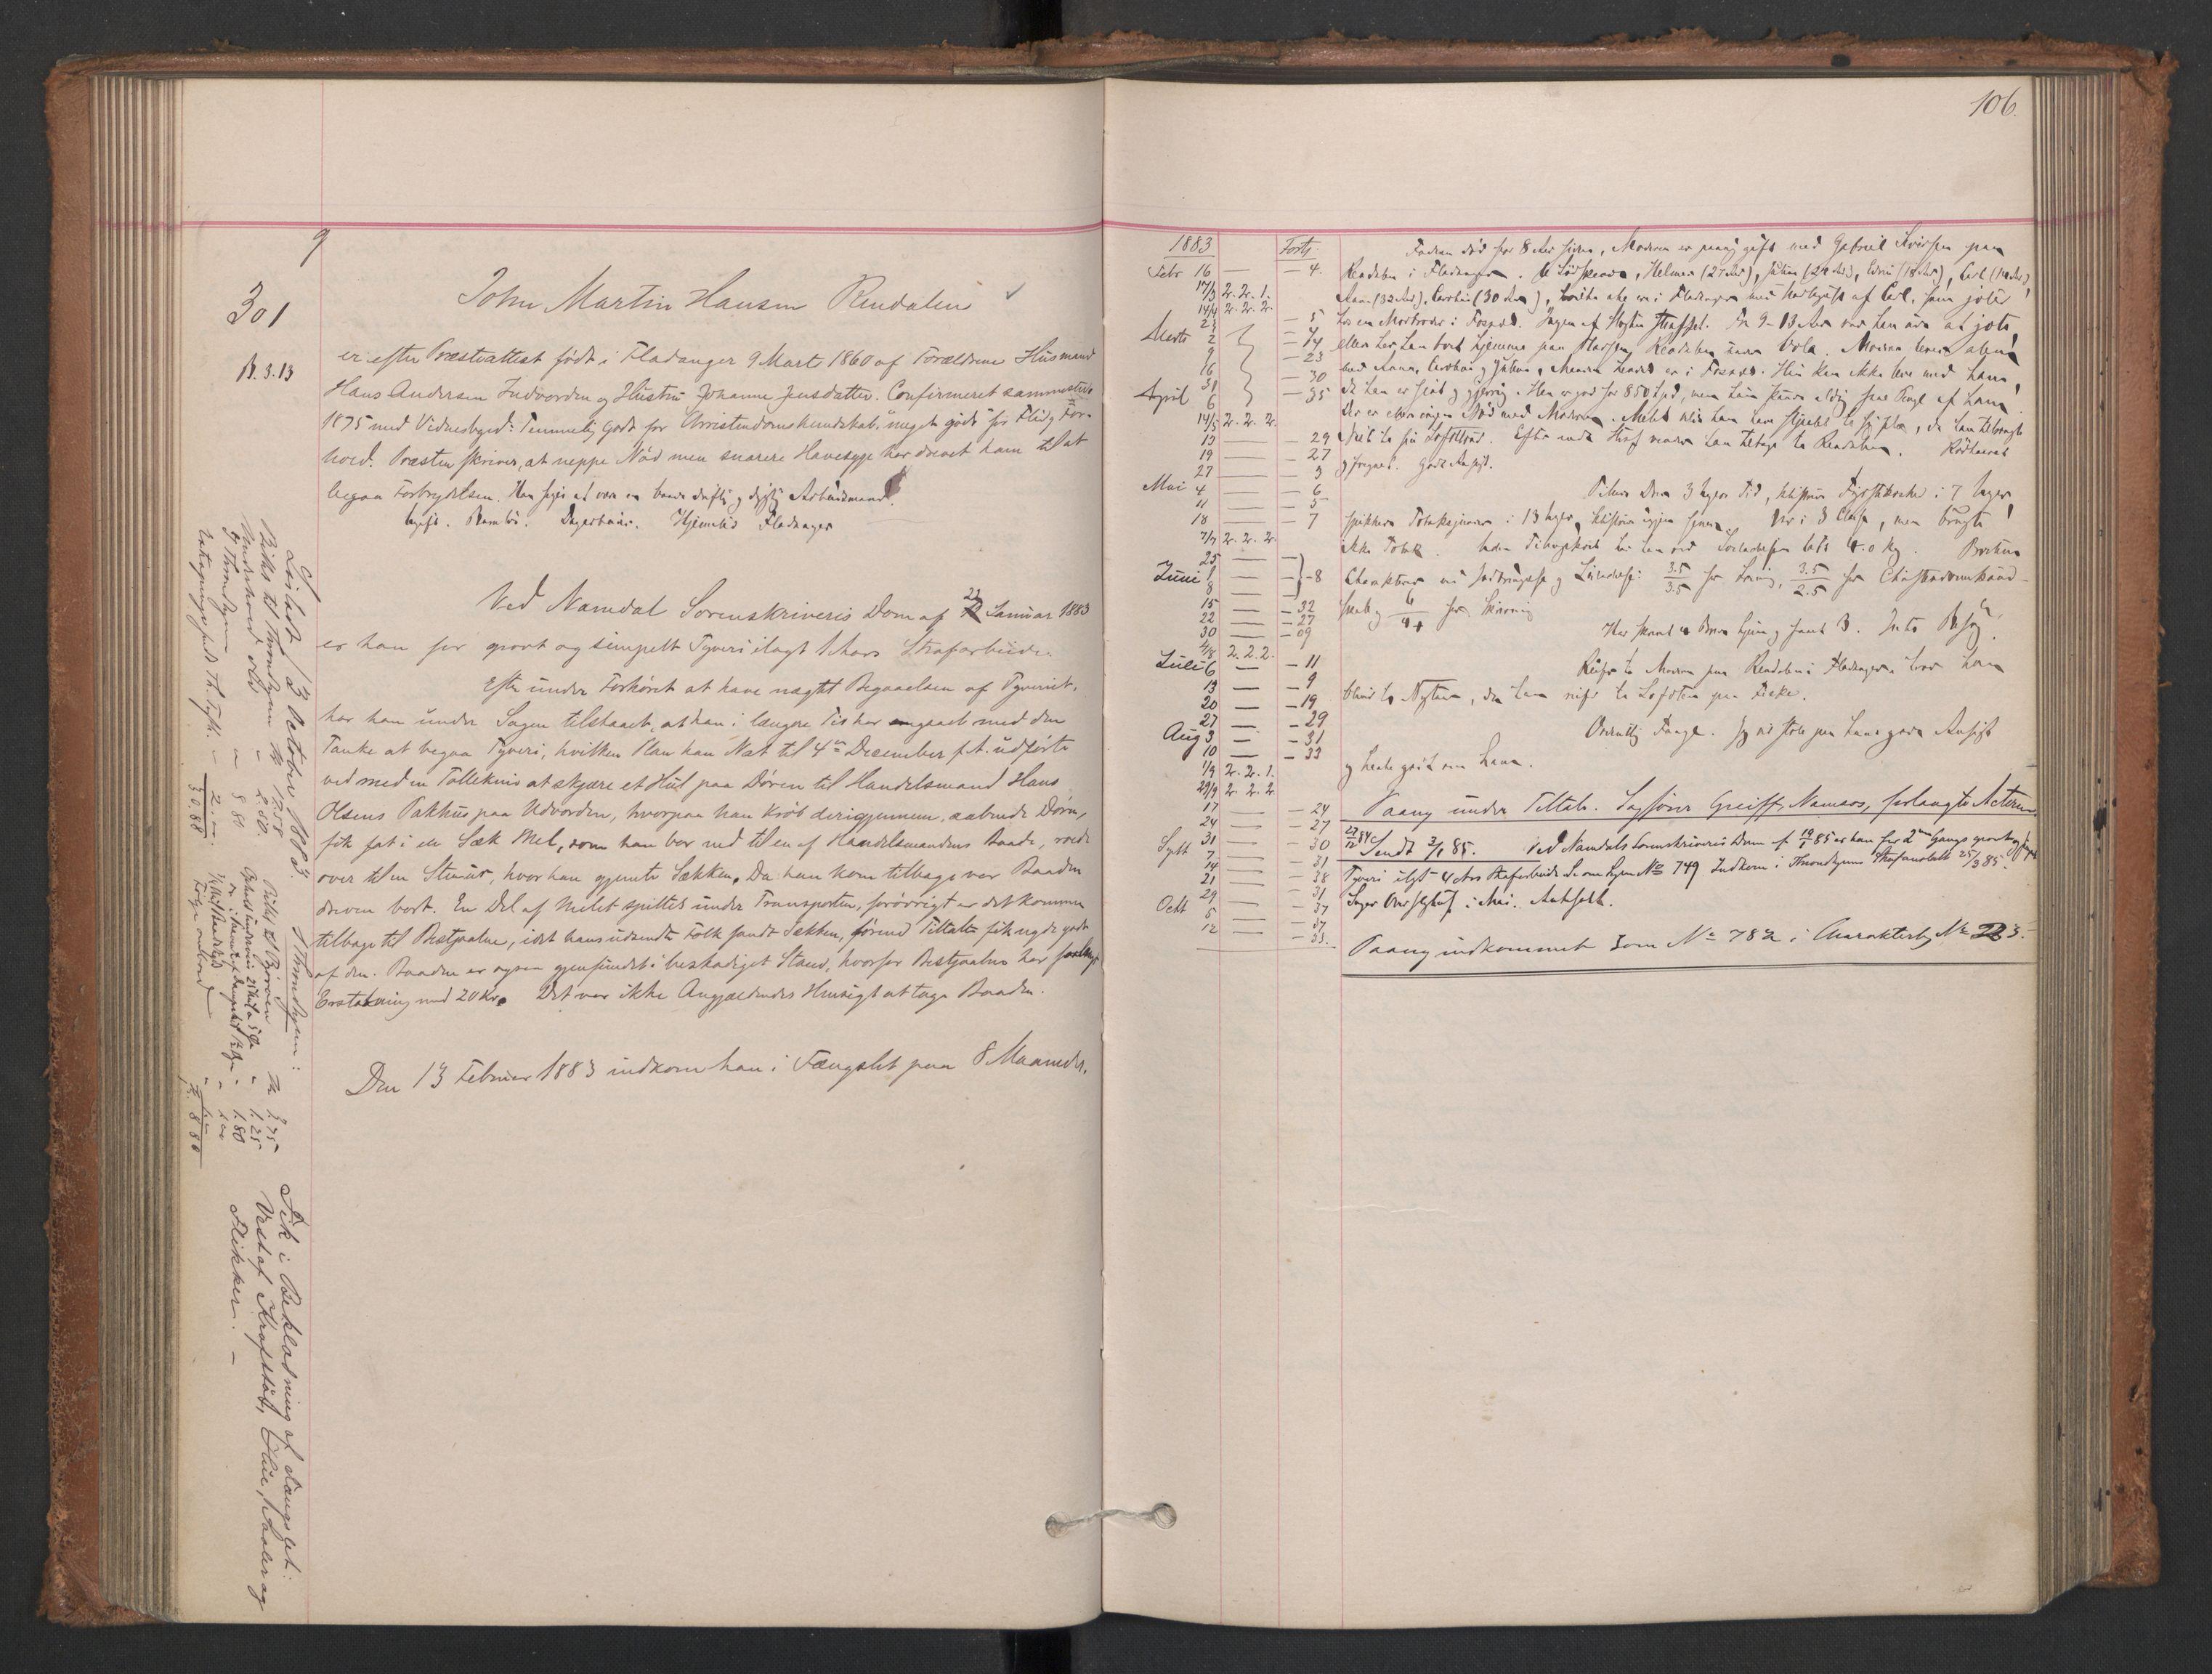 RA, Botsfengslet, D/Db/Dbb/L0021: 196g - 484g, 1882-1884, p. 106